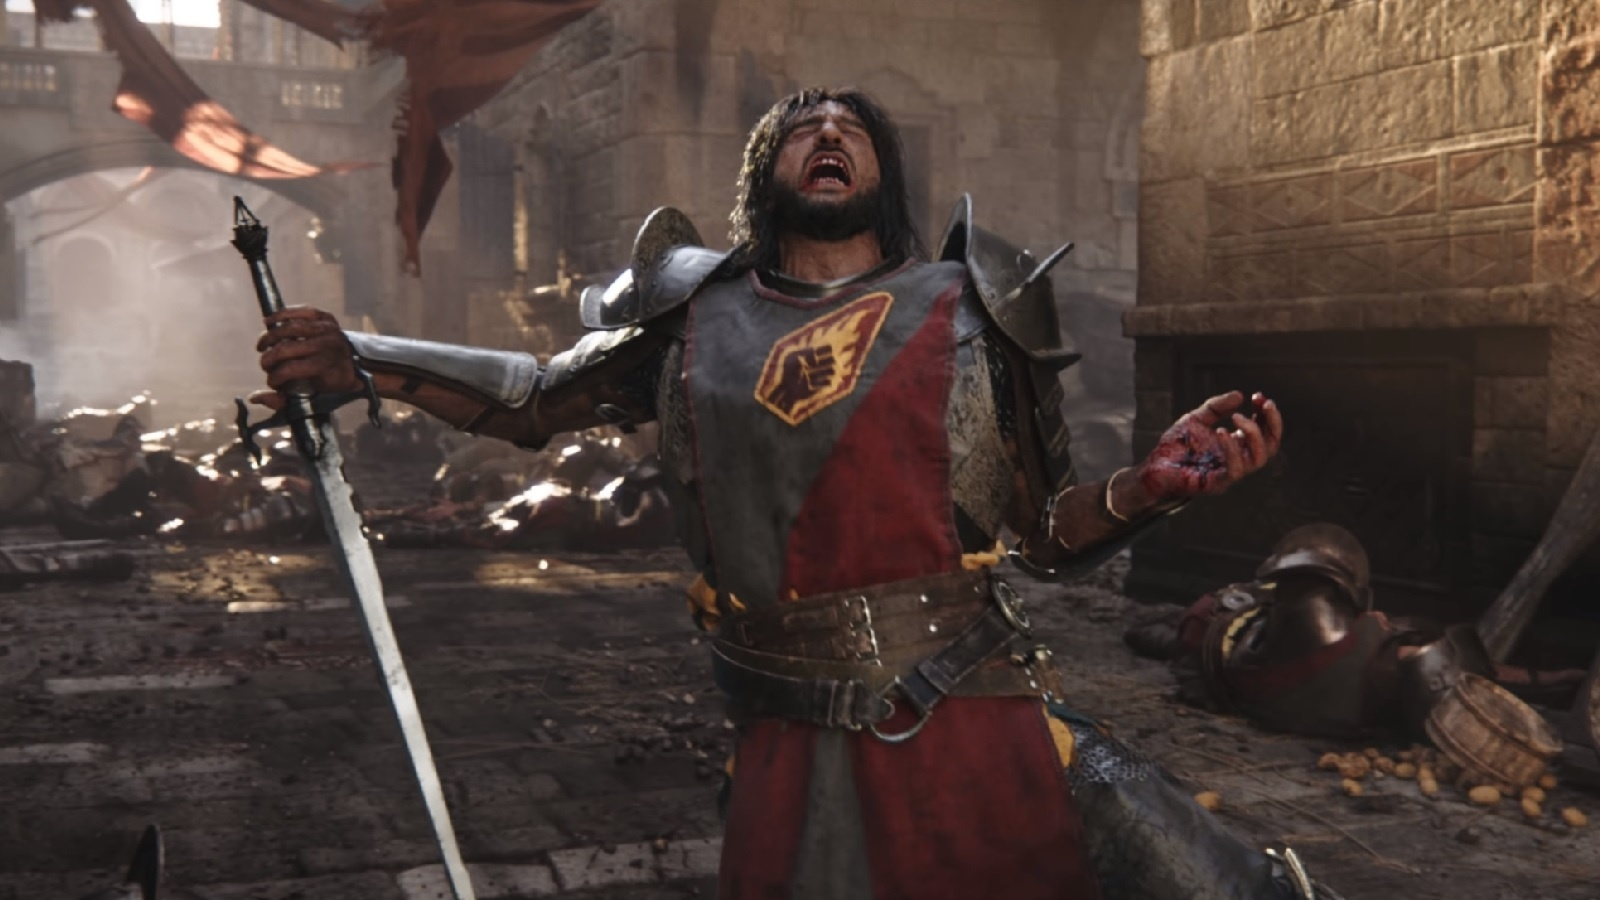 Официально:27 февраля Larian покажет геймплей Baldur's Gate III